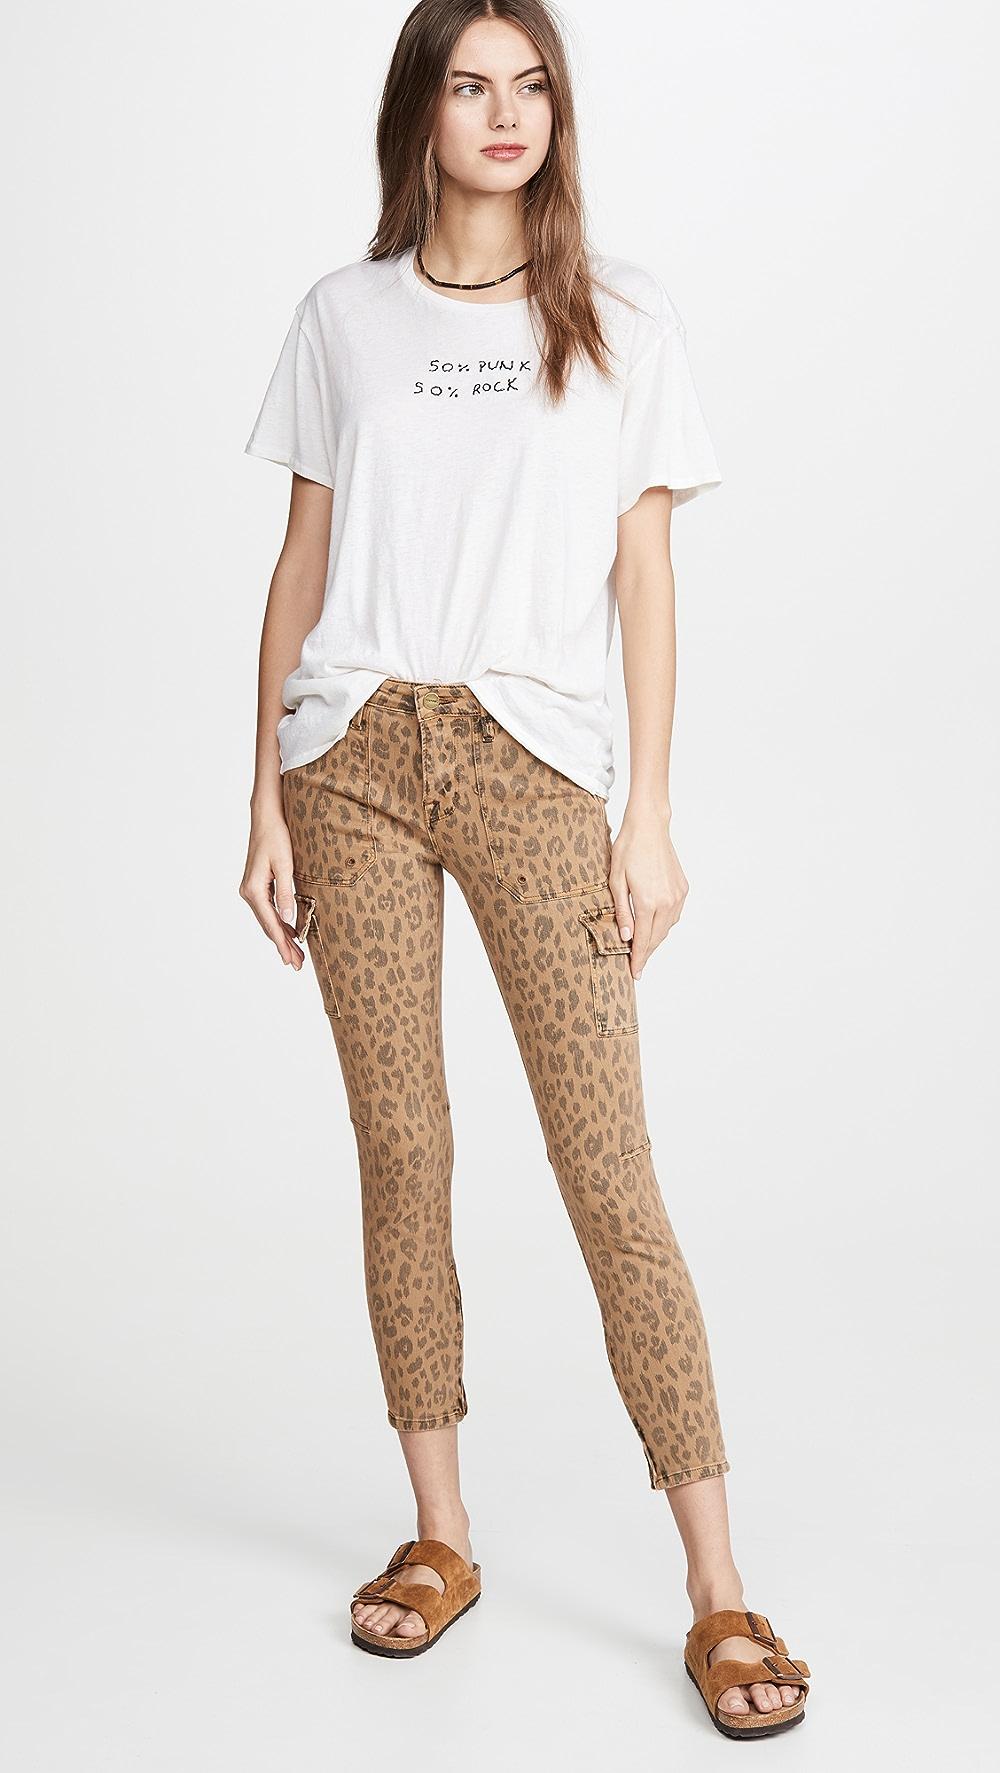 Spirited Frame - Spring Cheetah Cargo Skinny Jeans Waterproof, Shock-Resistant And Antimagnetic